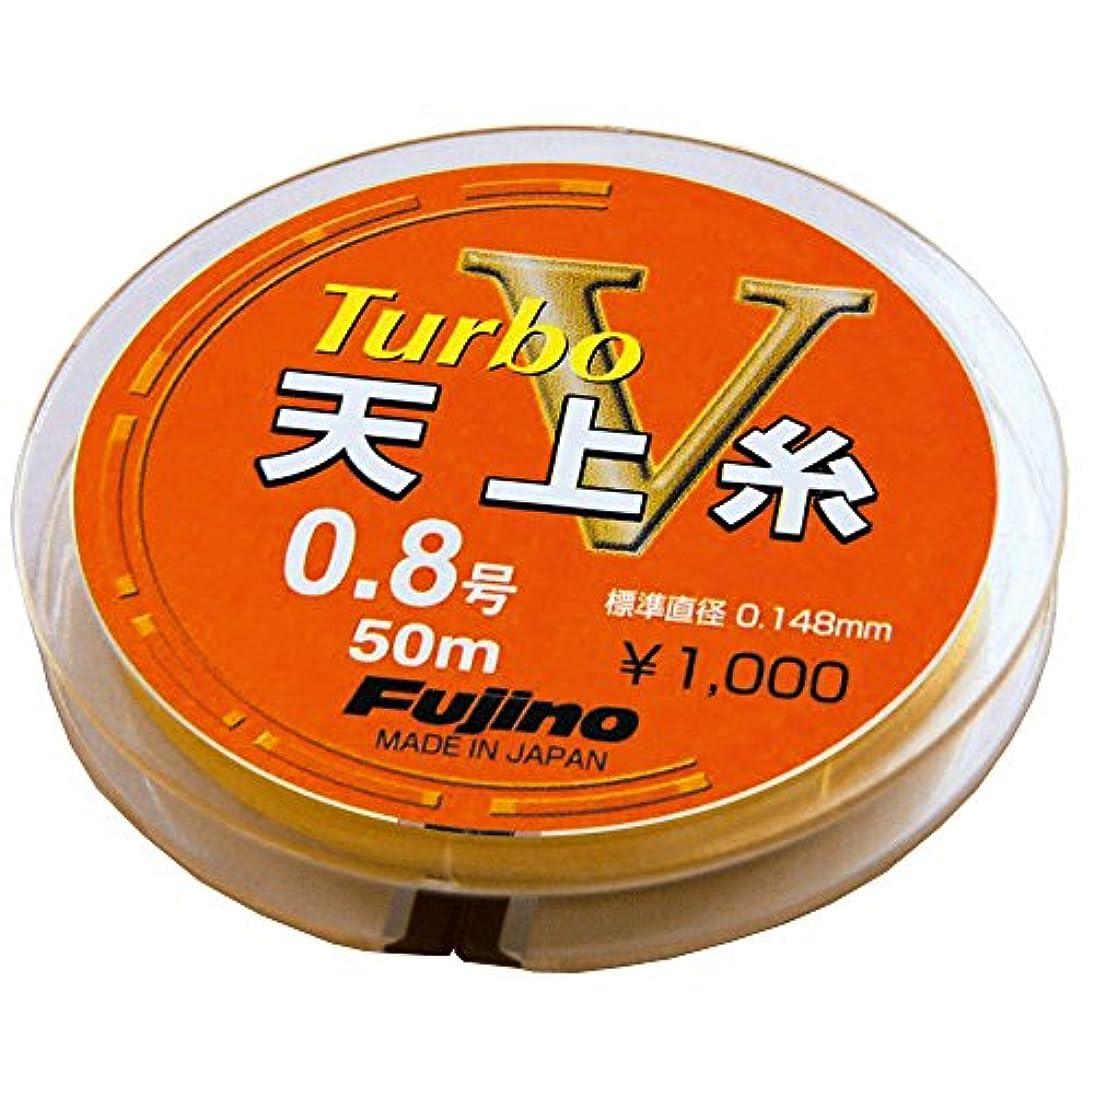 シンボルサイレン不名誉なFujino(フジノ) ライン ターボV天上糸 オレンジ 50m 0.8号